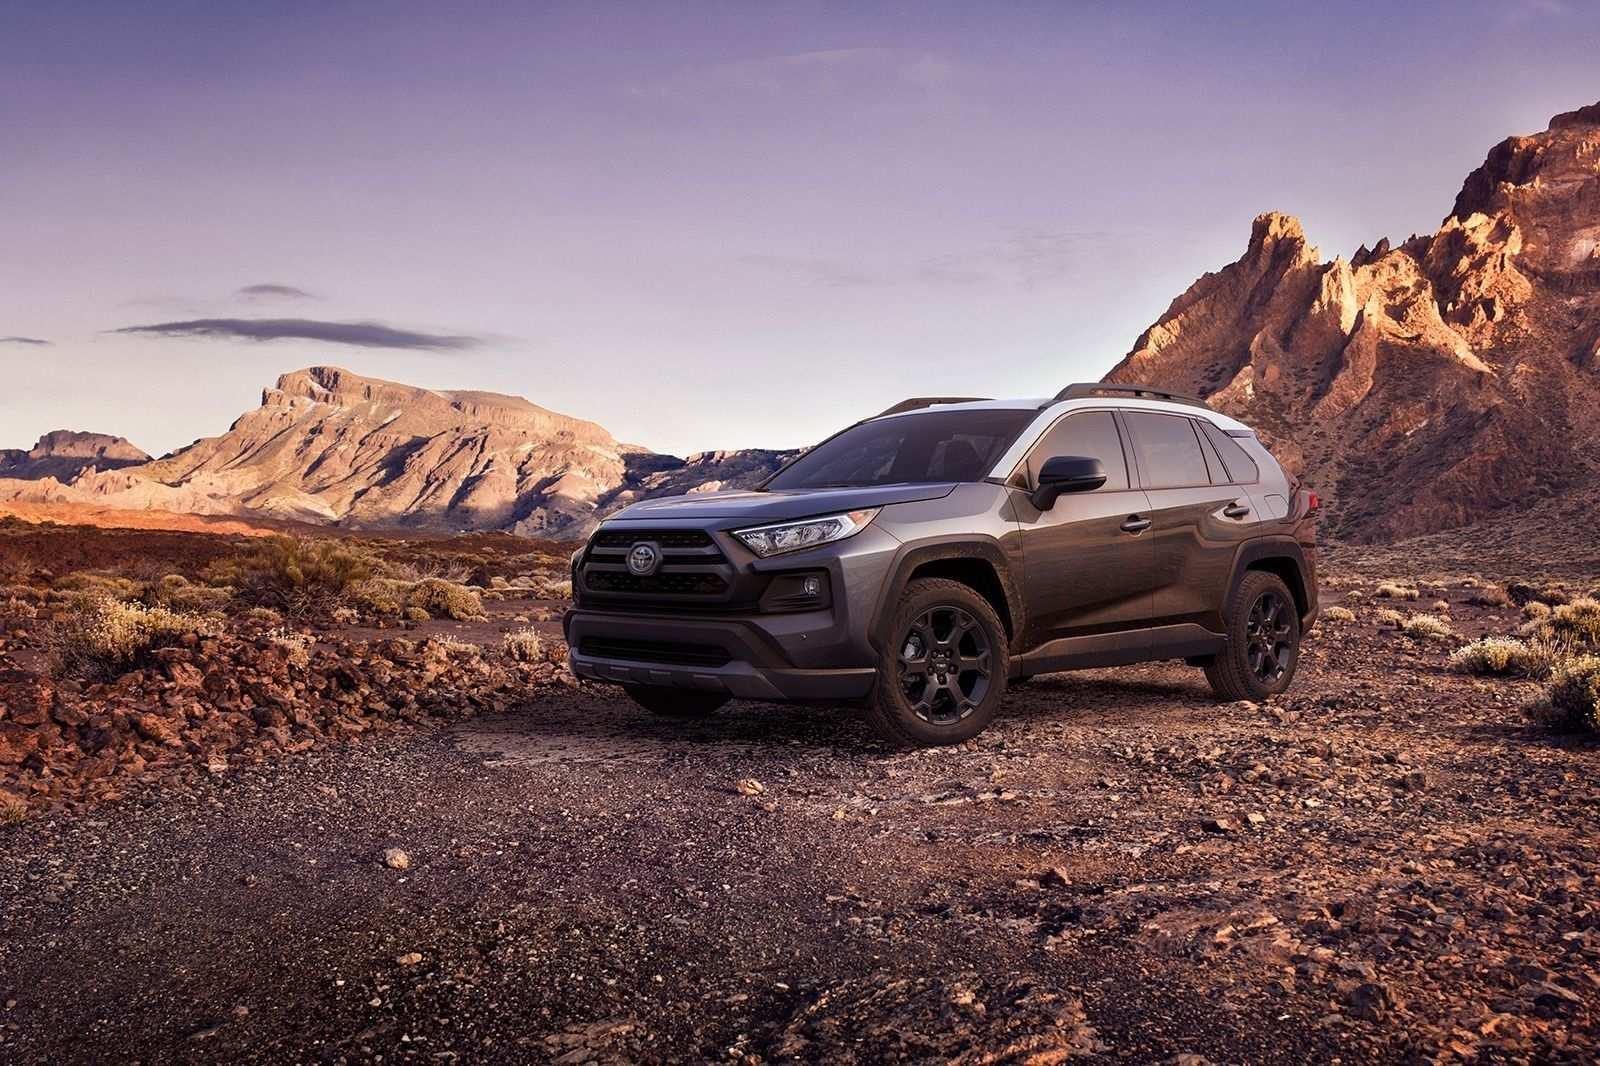 49 New Toyota Rav4 2020 Trd Ratings with Toyota Rav4 2020 Trd